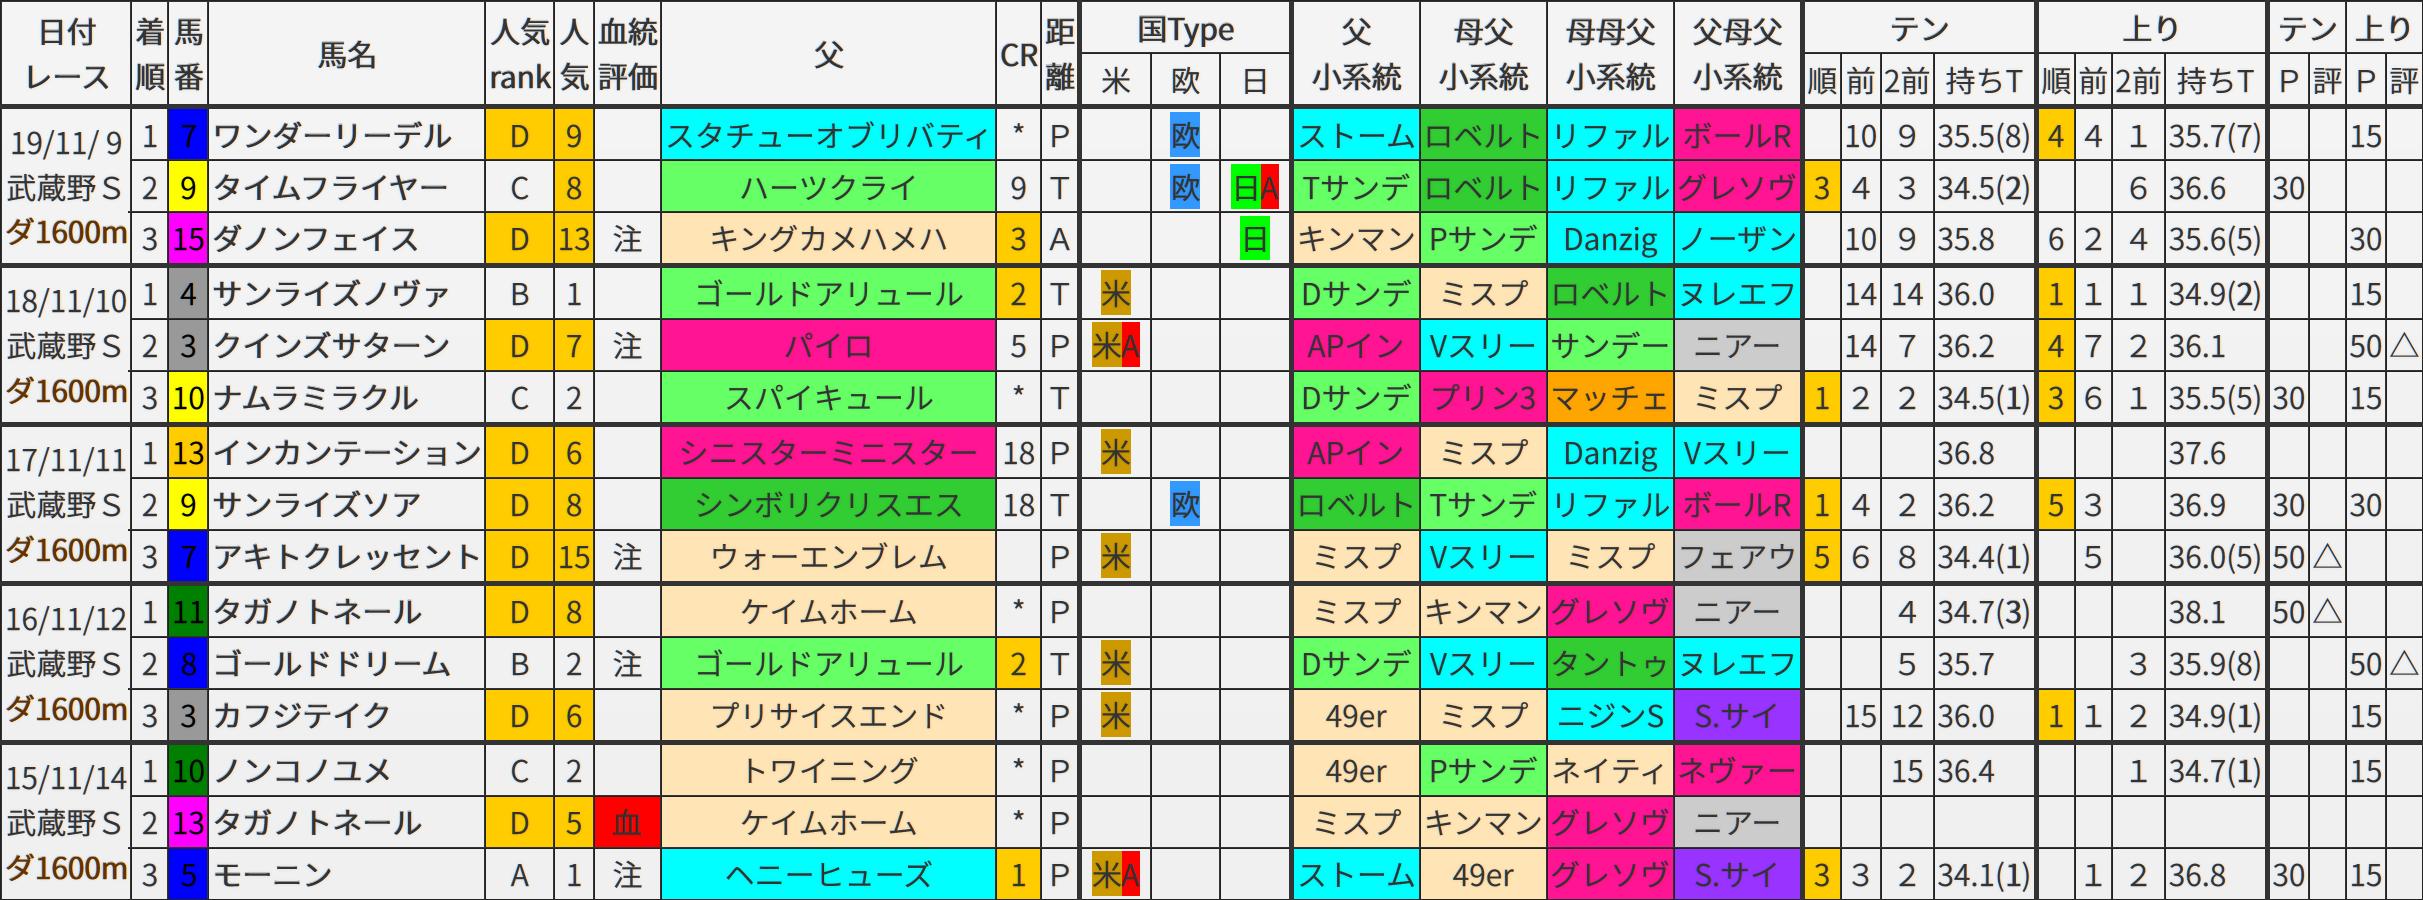 武蔵野S 過去5年ブラッドバイアス